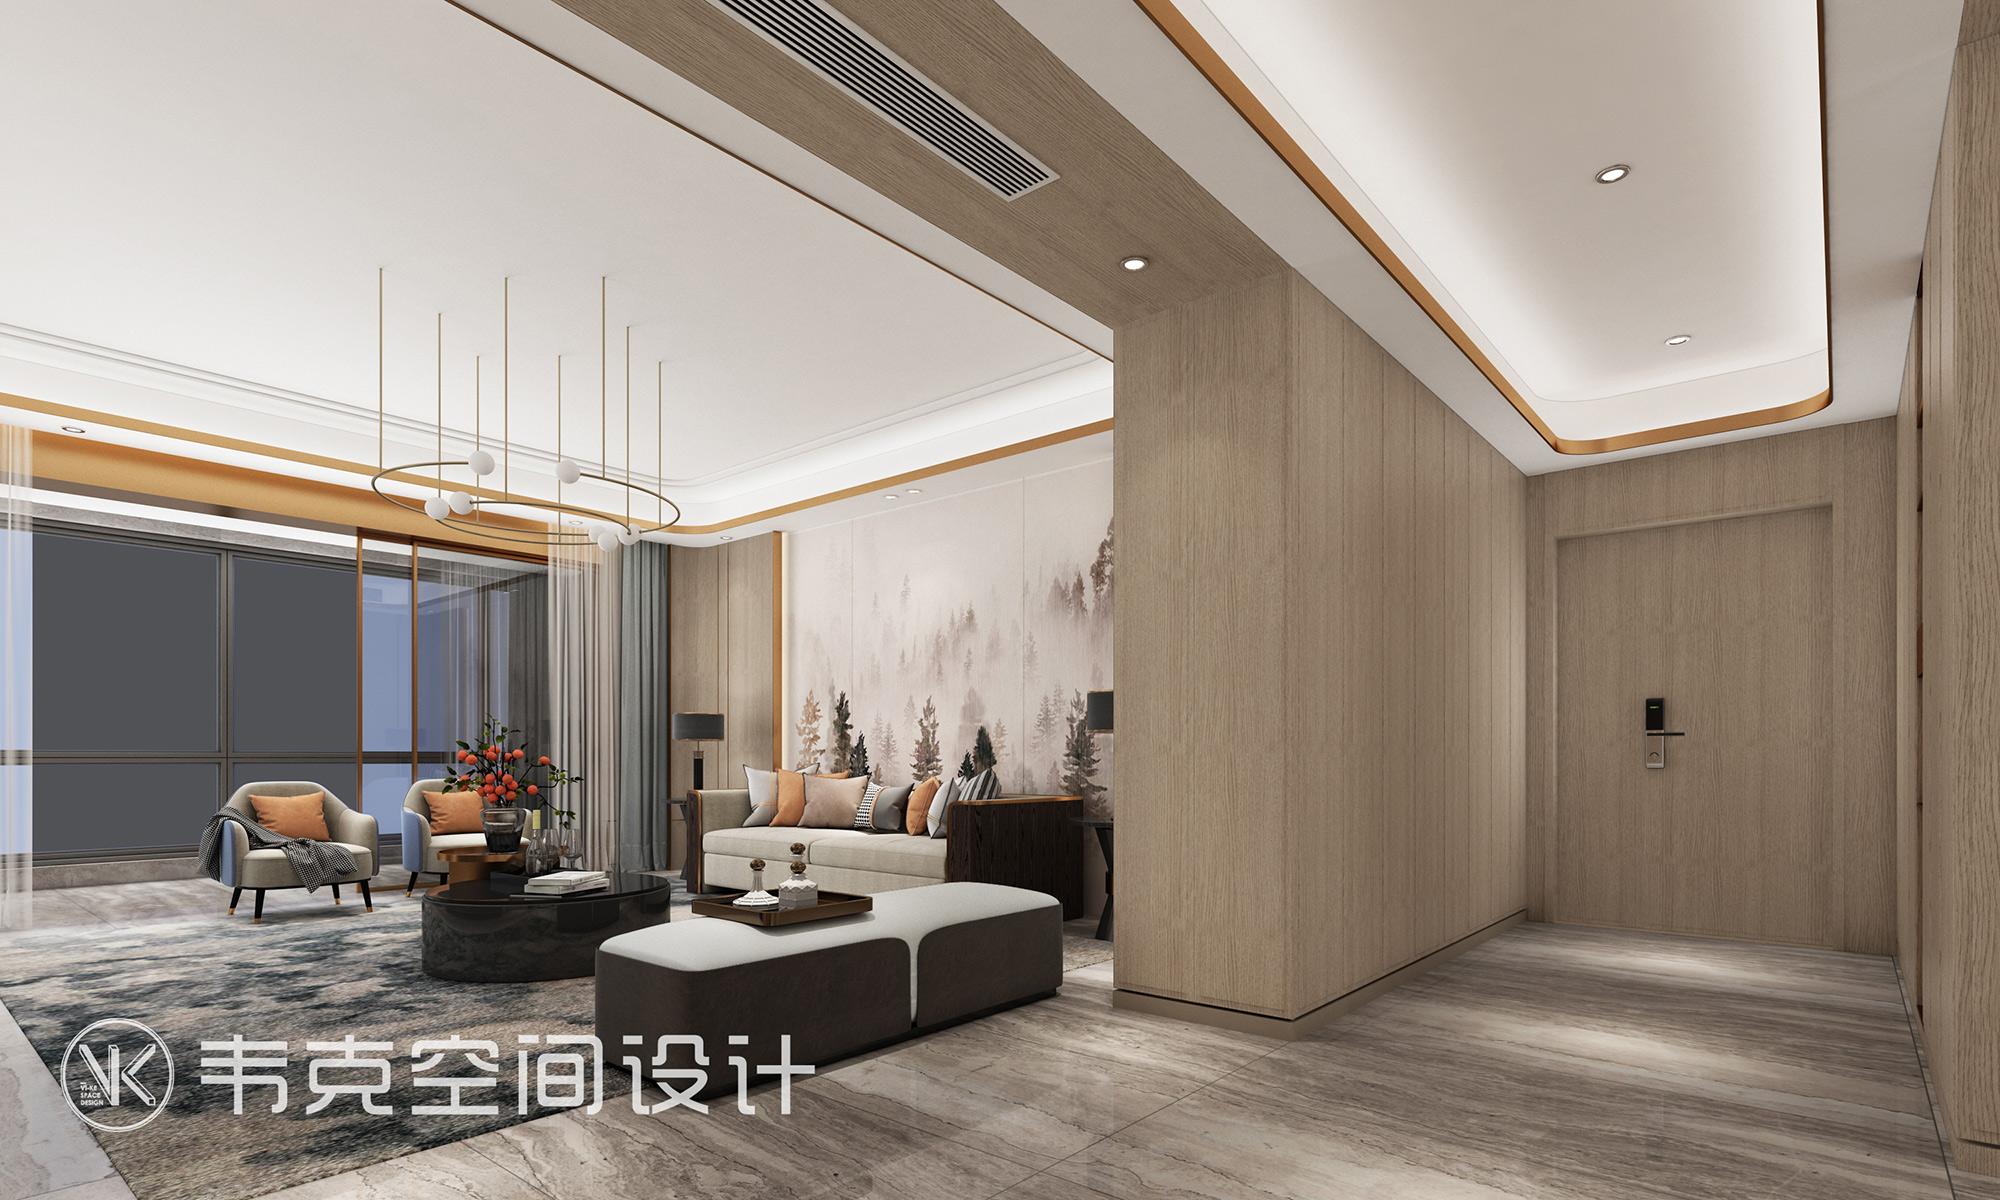 5室 轻奢 客厅图片来自韦克空间设计在韦克丨撩人心扉的美的分享